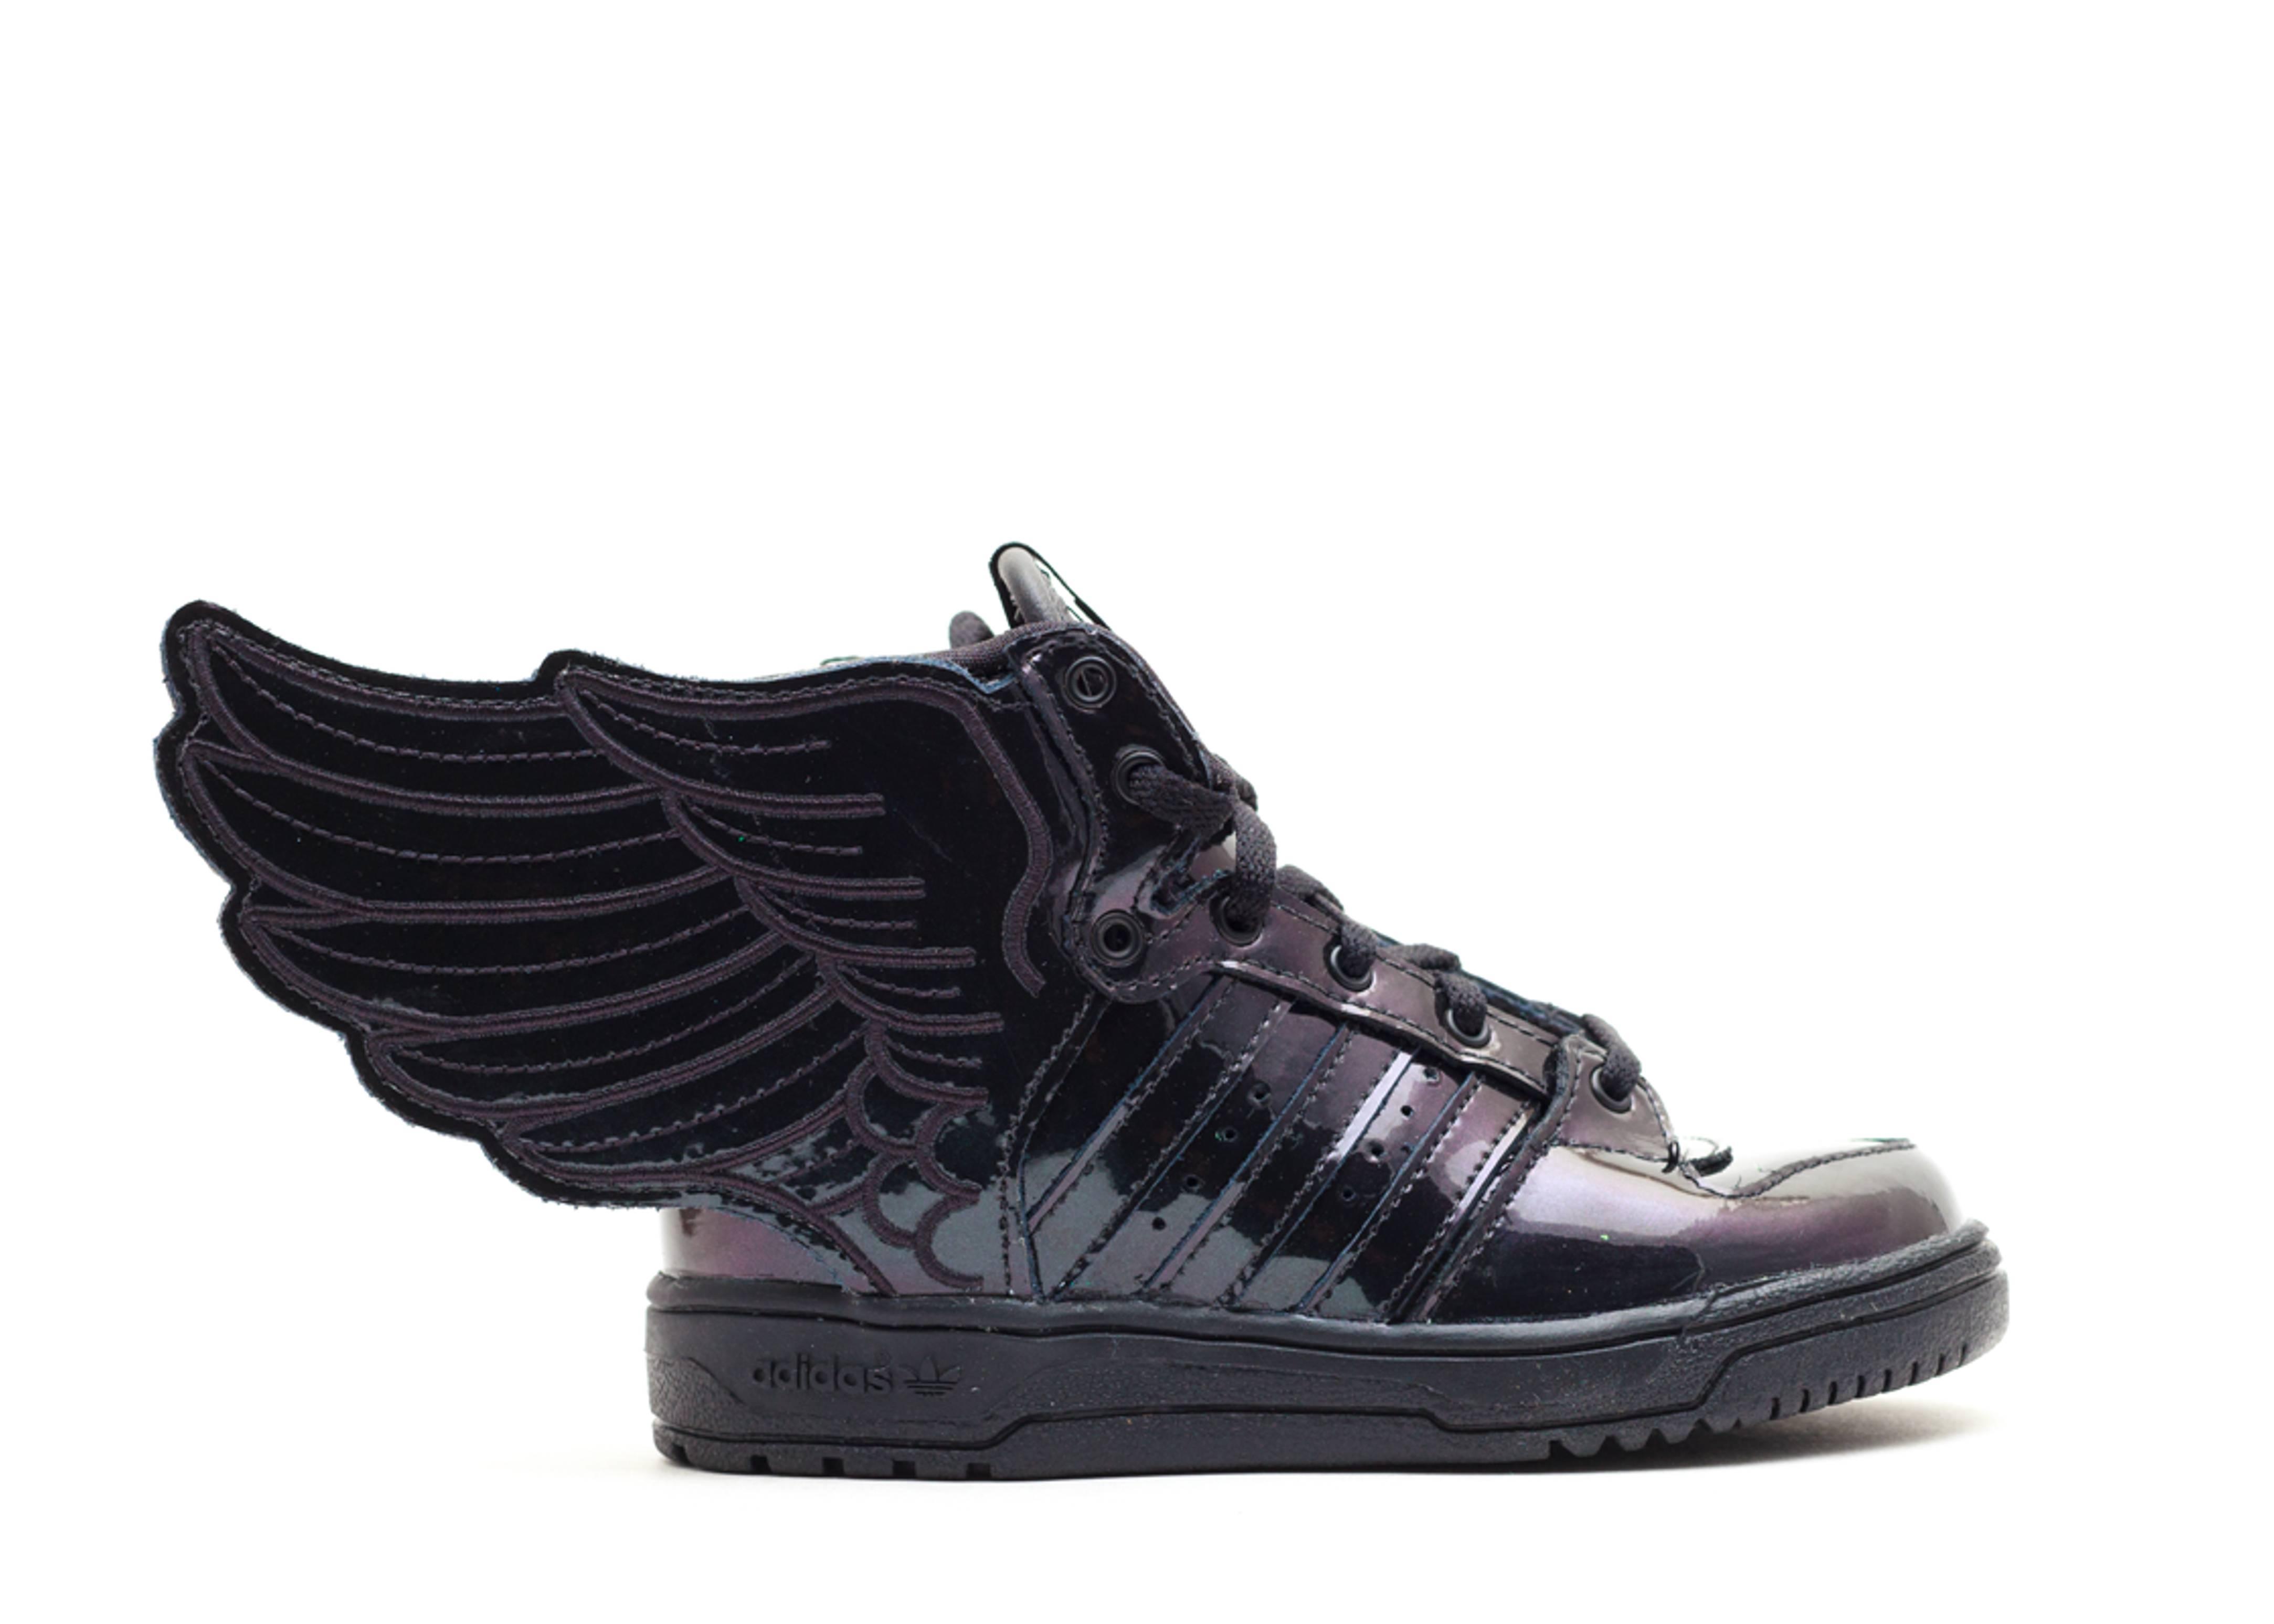 js wings 2.0 1